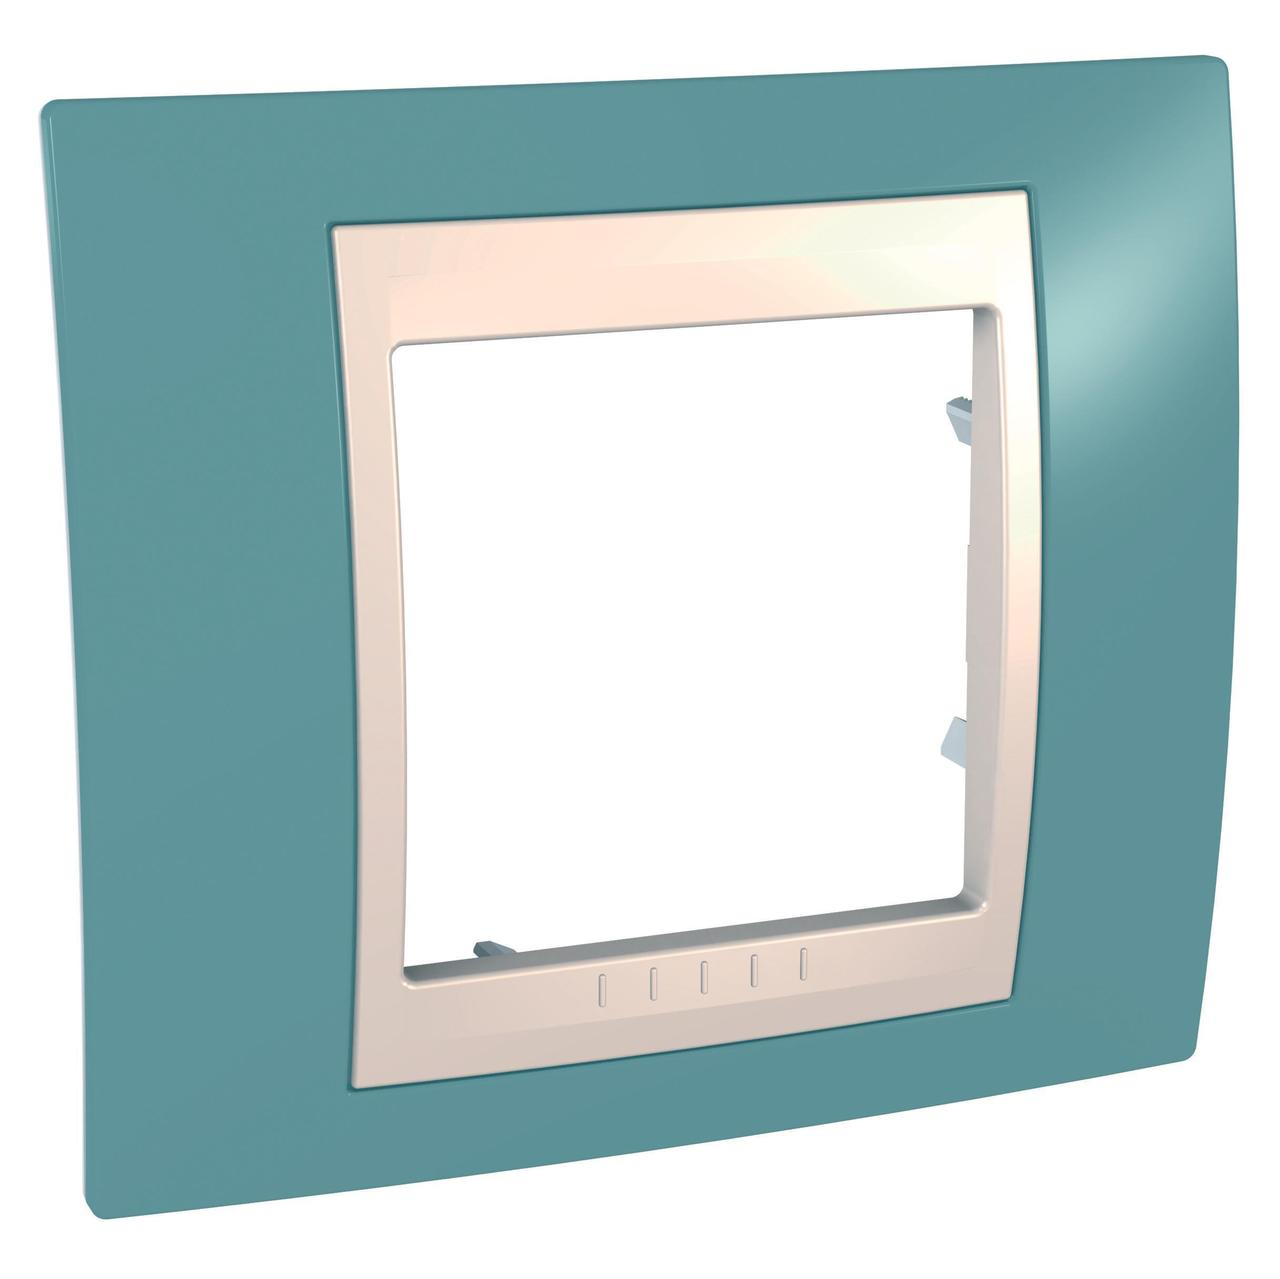 Рамка 1-ая (одинарная), Синий/Бежевый, серия Unica, Schneider Electric